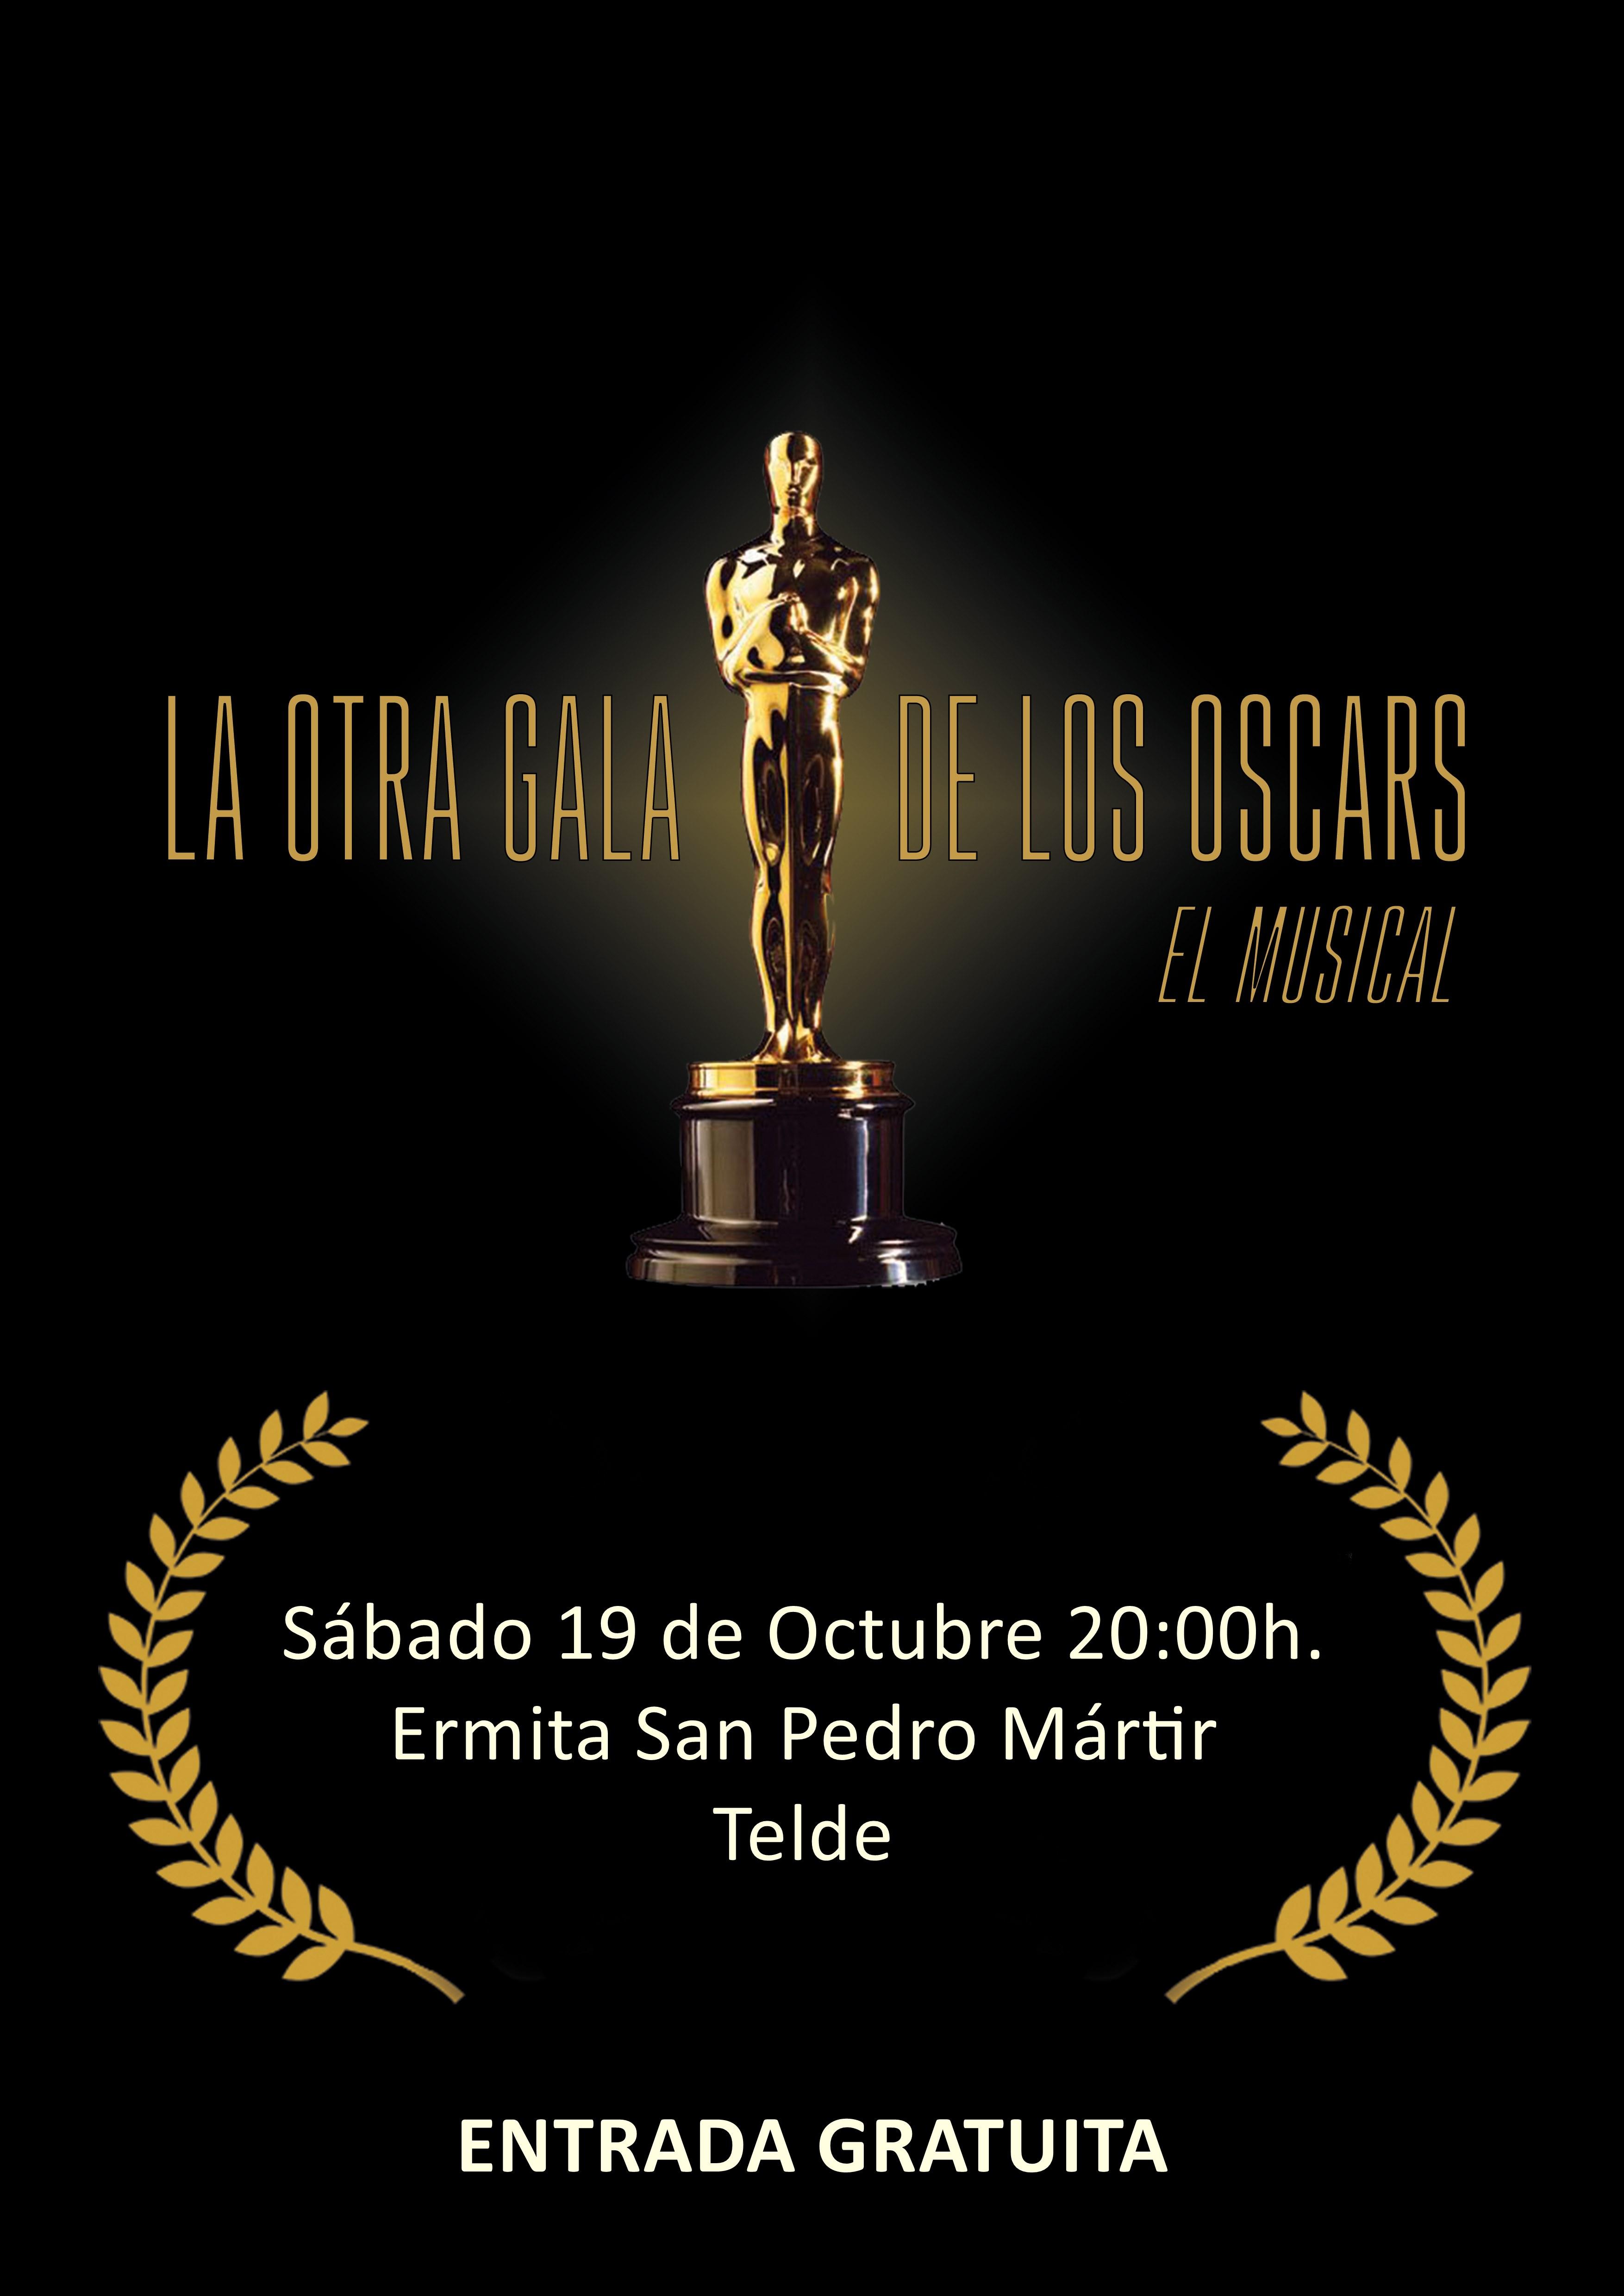 La Otra Gala de Los Oscar